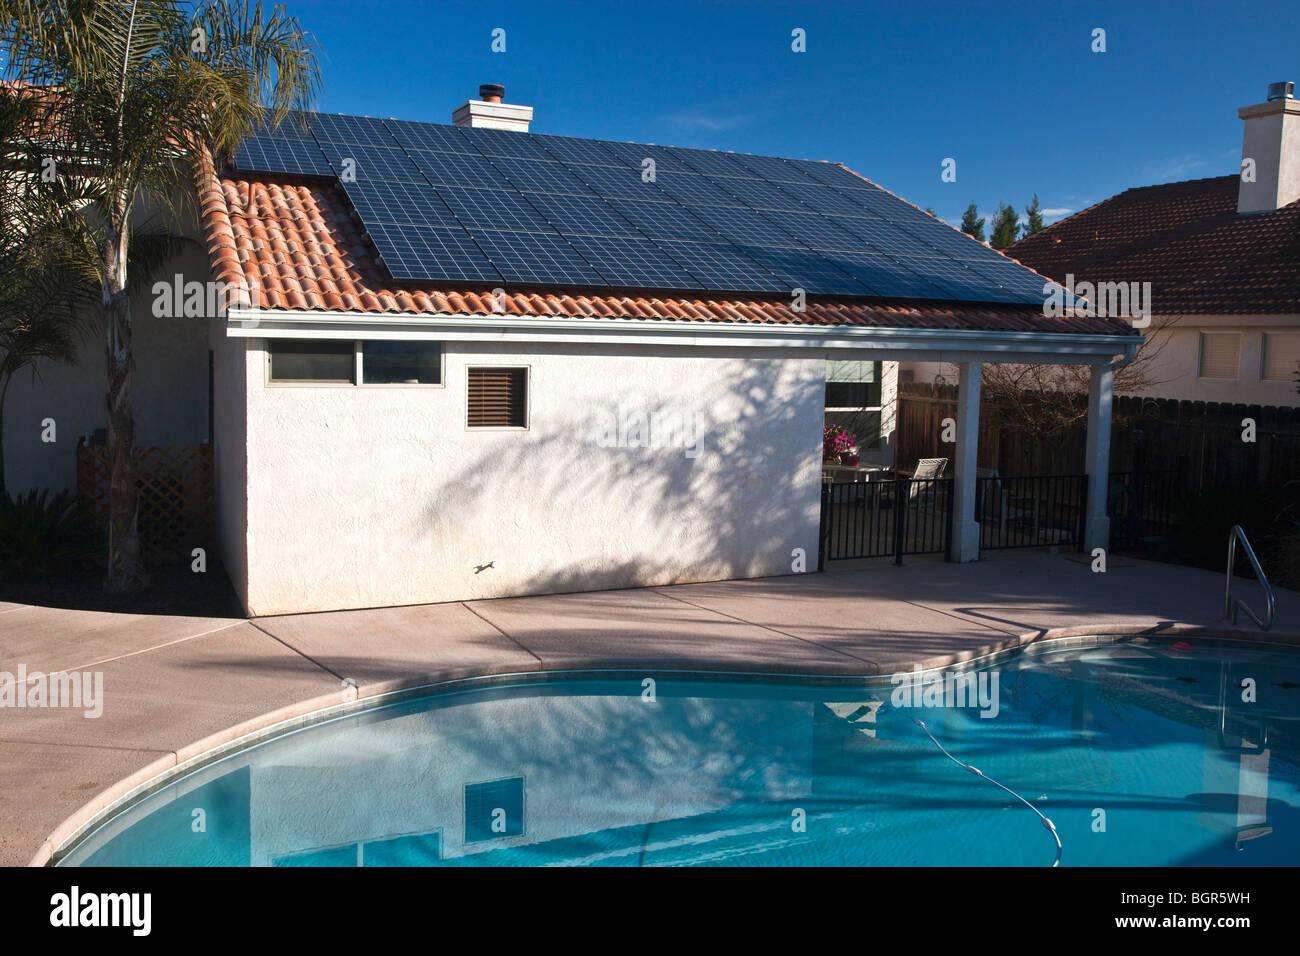 Los paneles solares eléctricos, techo de residencia. Imagen De Stock